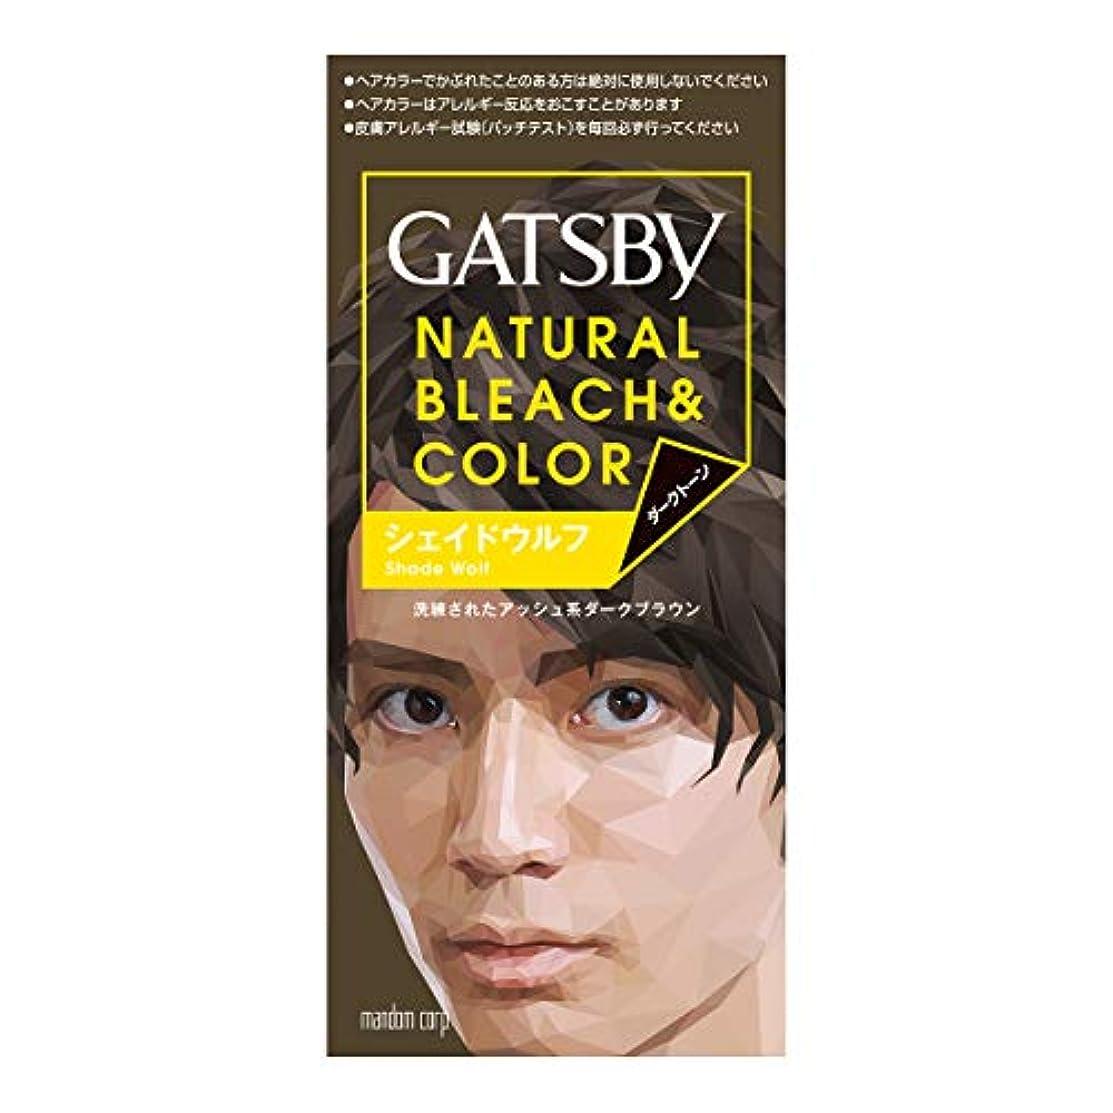 単なる触覚運営GATSBY(ギャツビー) ナチュラルブリーチカラー シェイドウルフ 1剤35g 2剤70mL (医薬部外品)